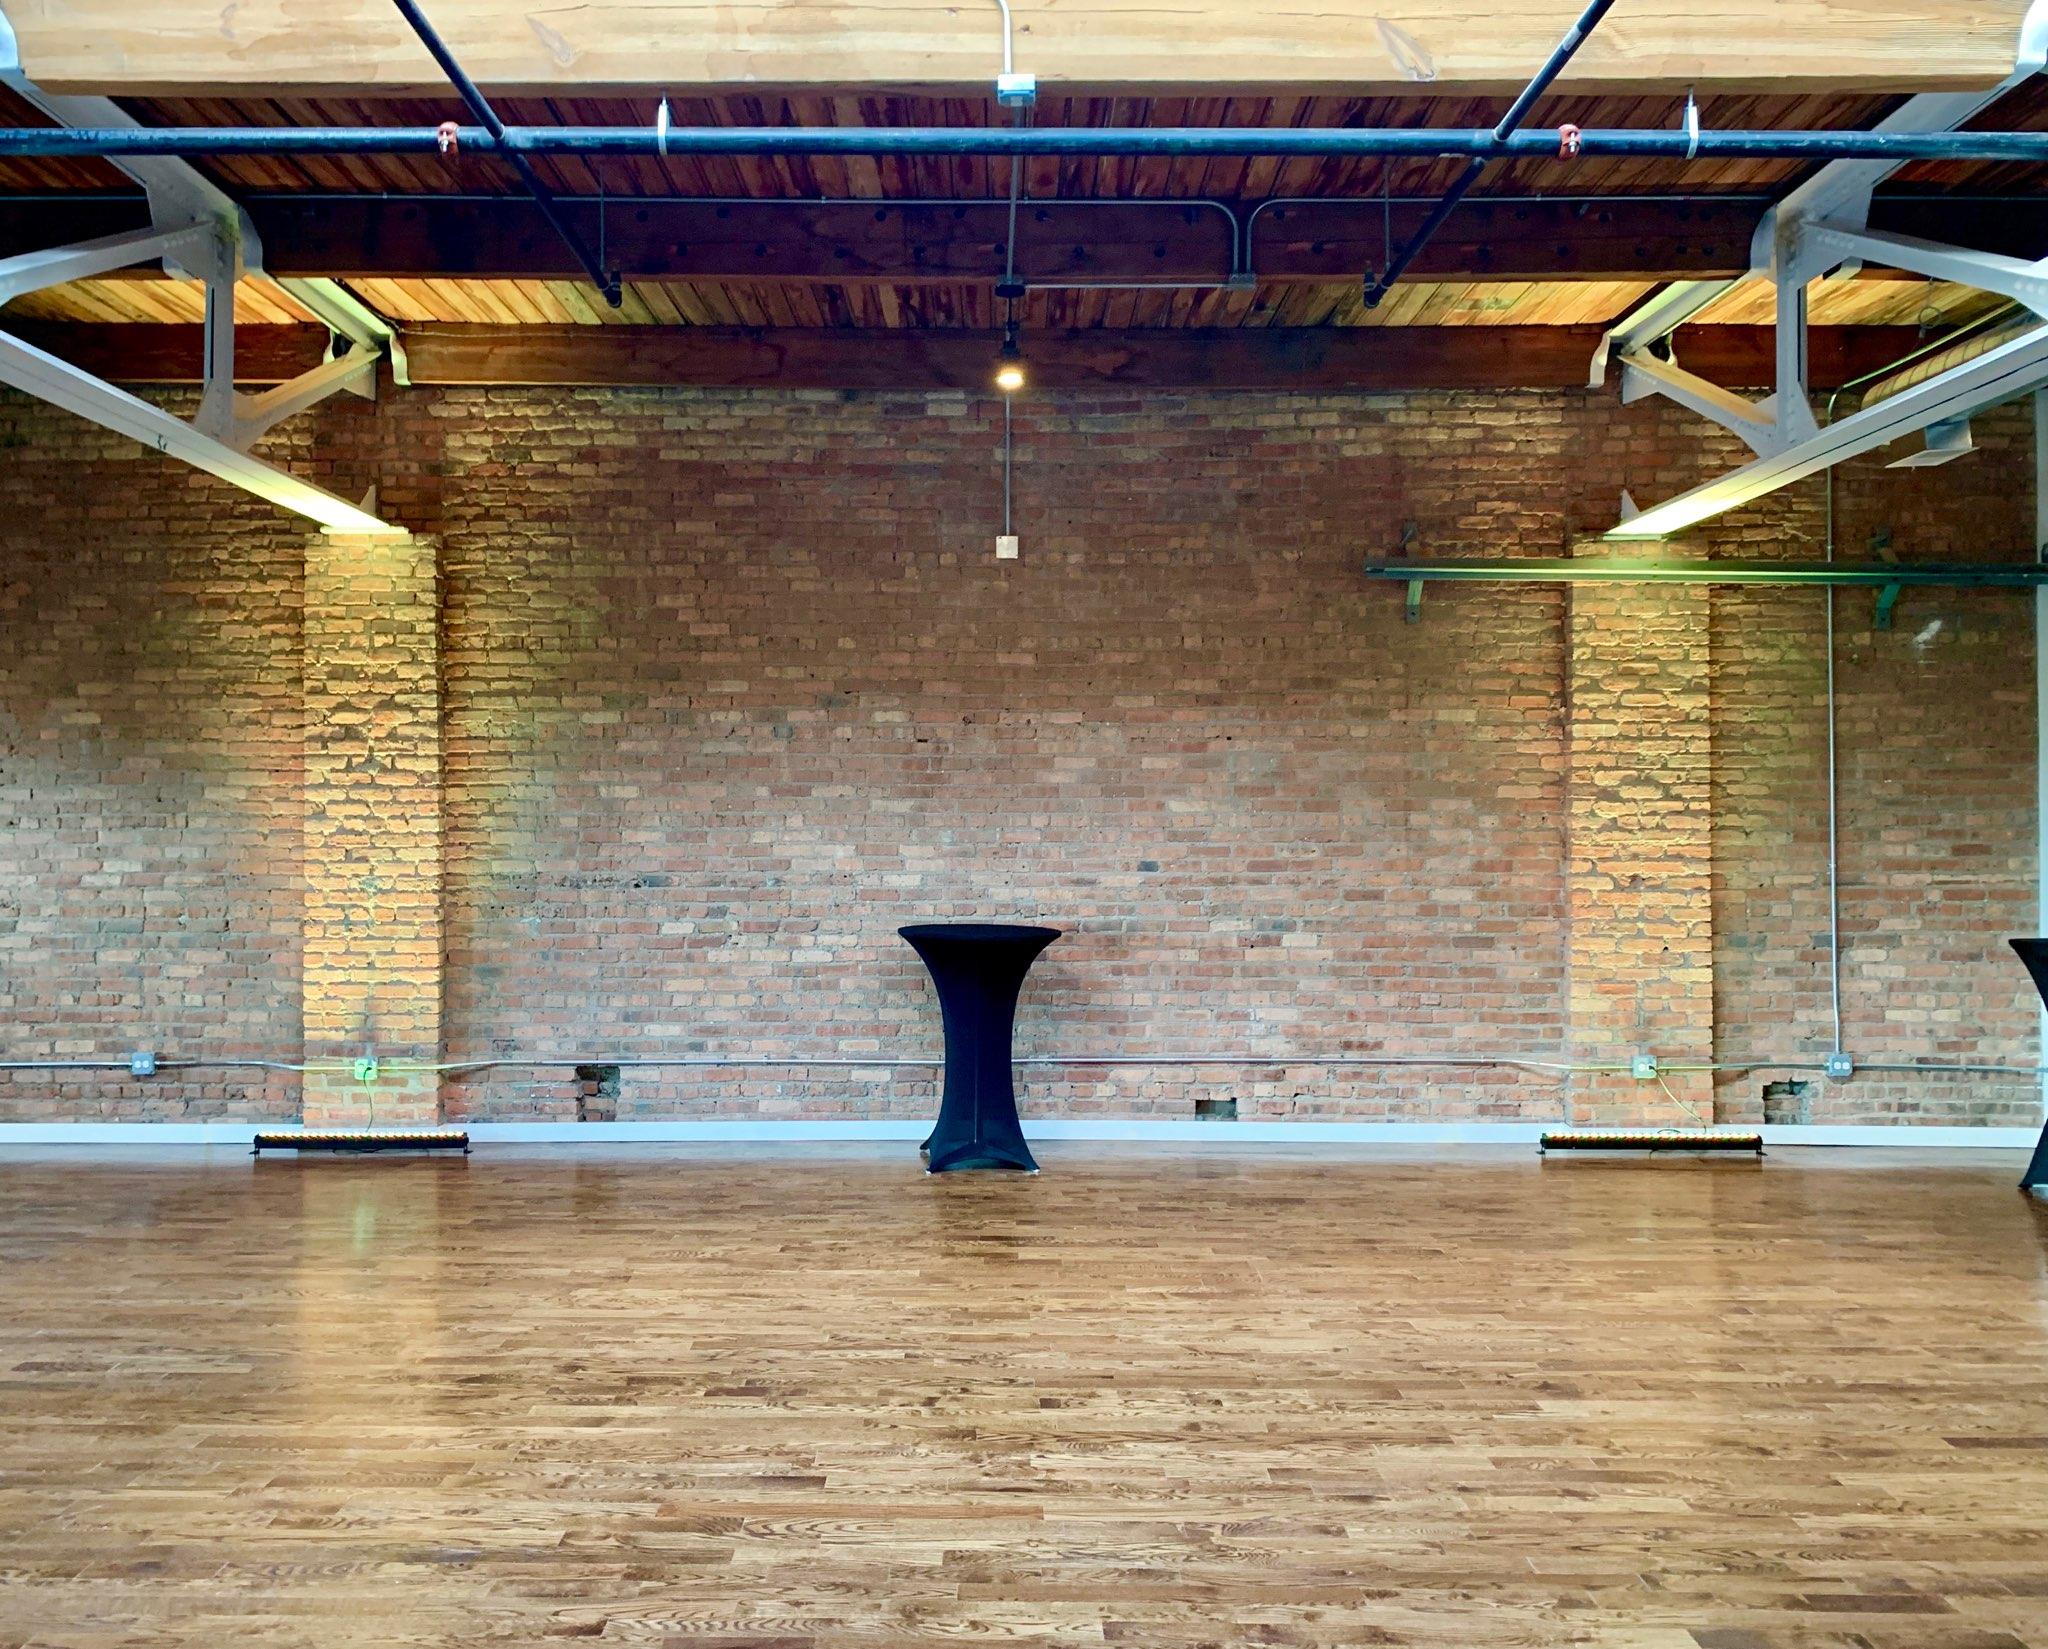 zephyr dance floor wide